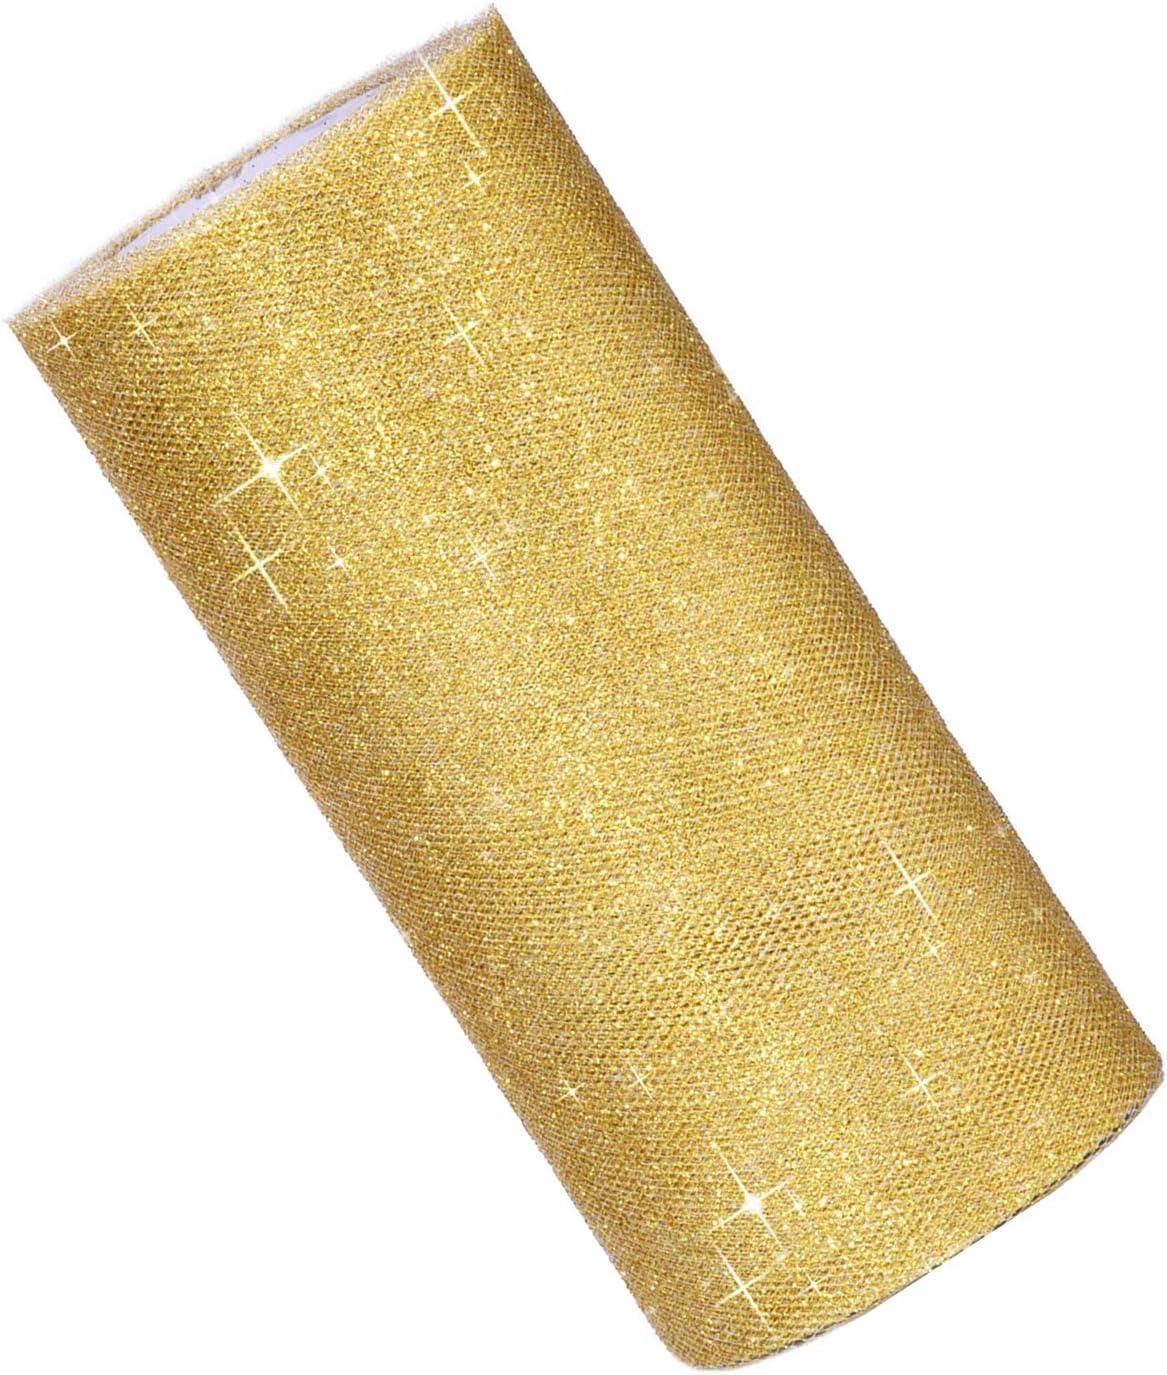 FORD KING Rollo de Tul Brillante de 6 Pulgadas Color Dorado Rollo de Tul con Purpurina 25 Yardas